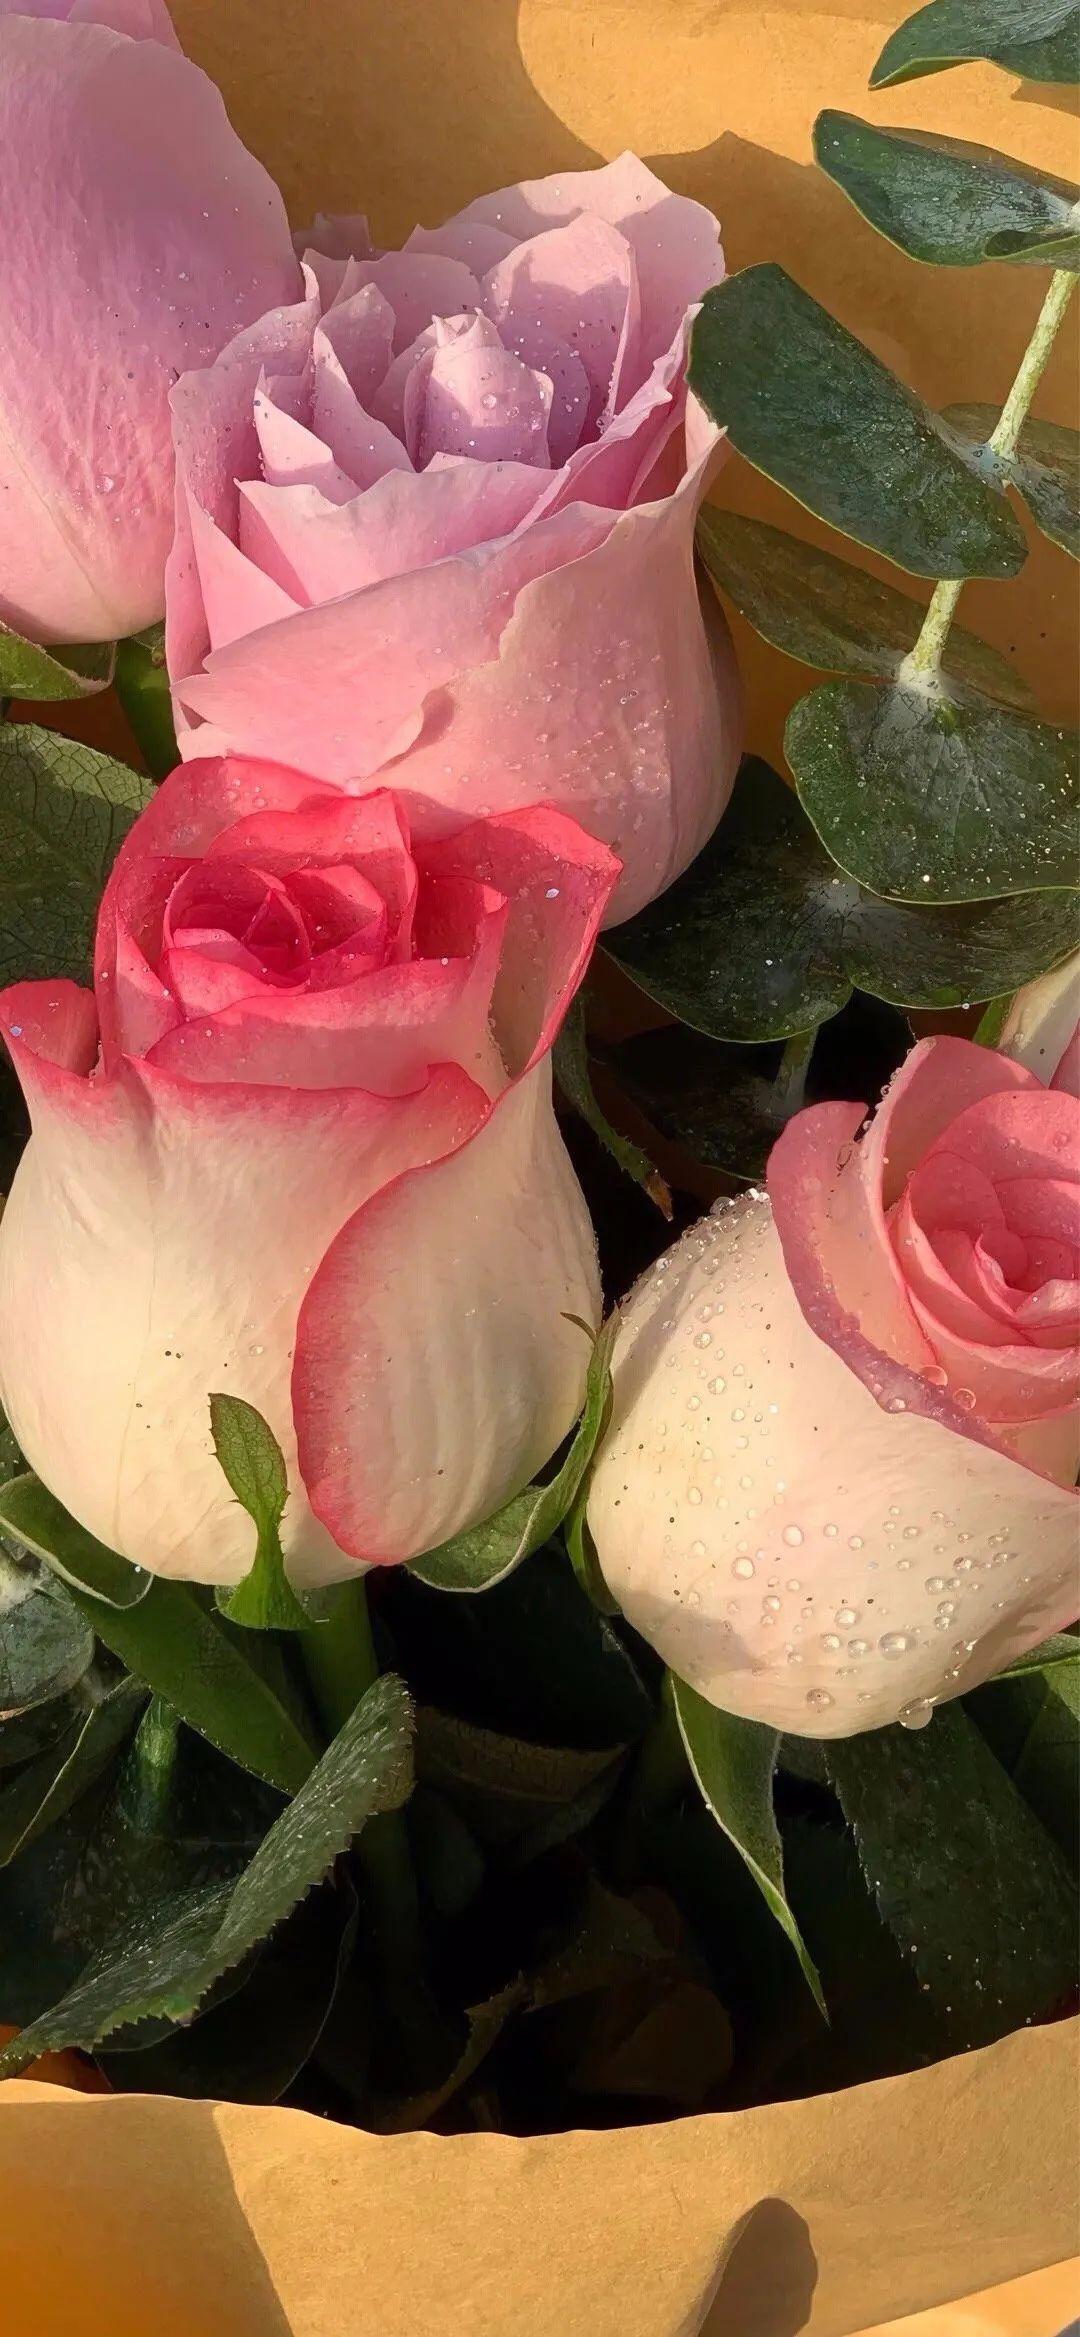 朋友圈经典的关于玫瑰的文案:玫瑰花期到了,我很想你。插图4